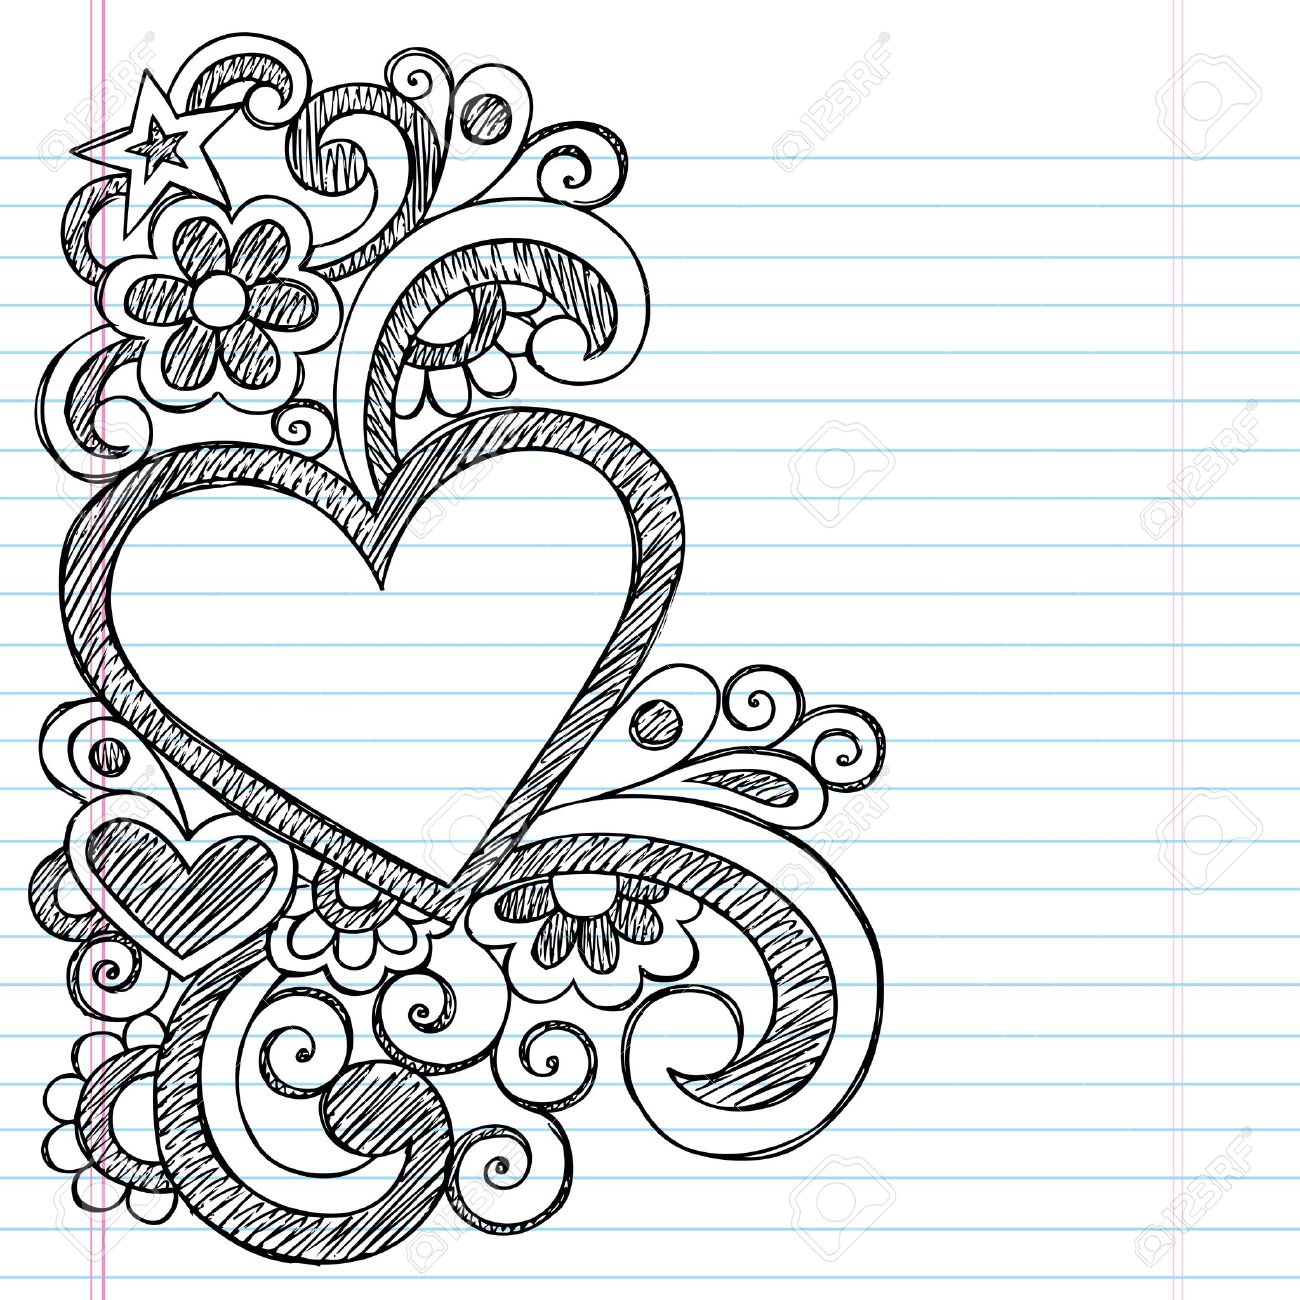 Heart Frame Border Back To School Sketchy Notebook Doodles  Vector  Illustration Design On Lined Sketchbook  Lined Border Paper